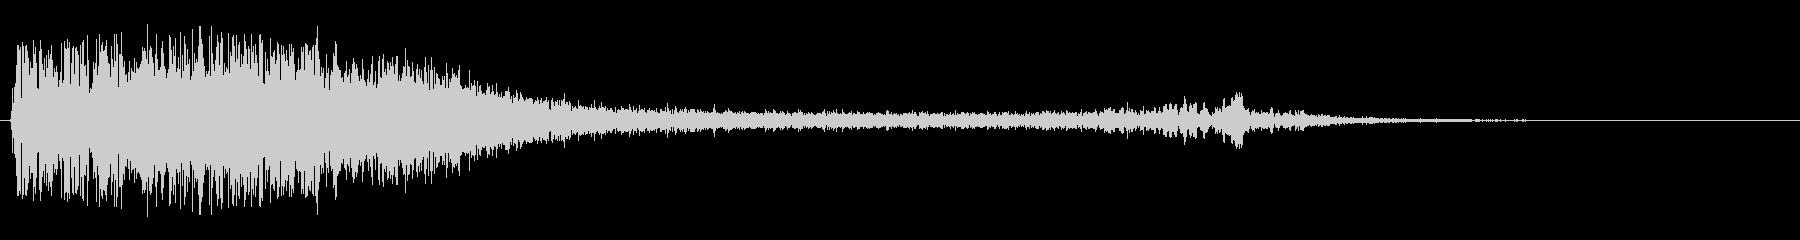 ウィーン(ワープの音)の未再生の波形